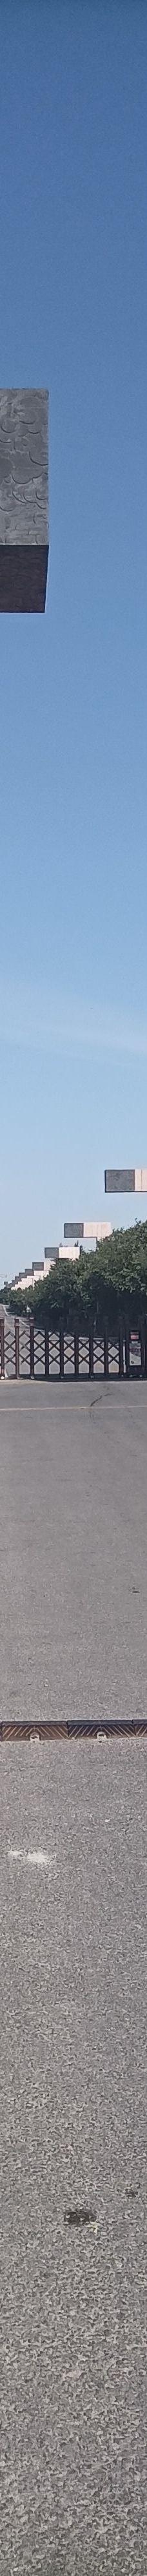 二连浩特国门景区-二连浩特